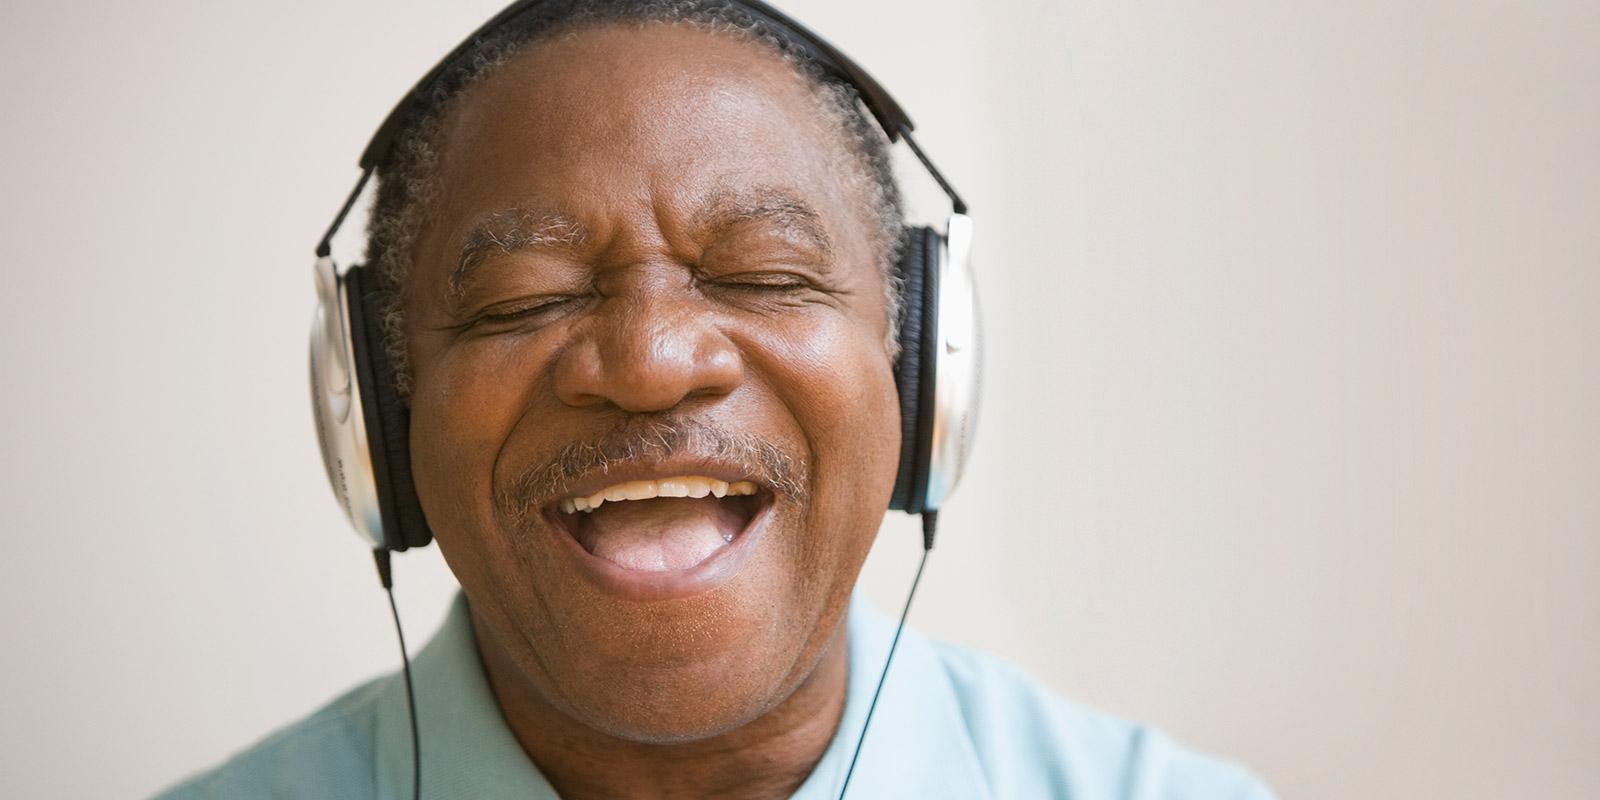 Novos idosos: a vida começa aos 60!